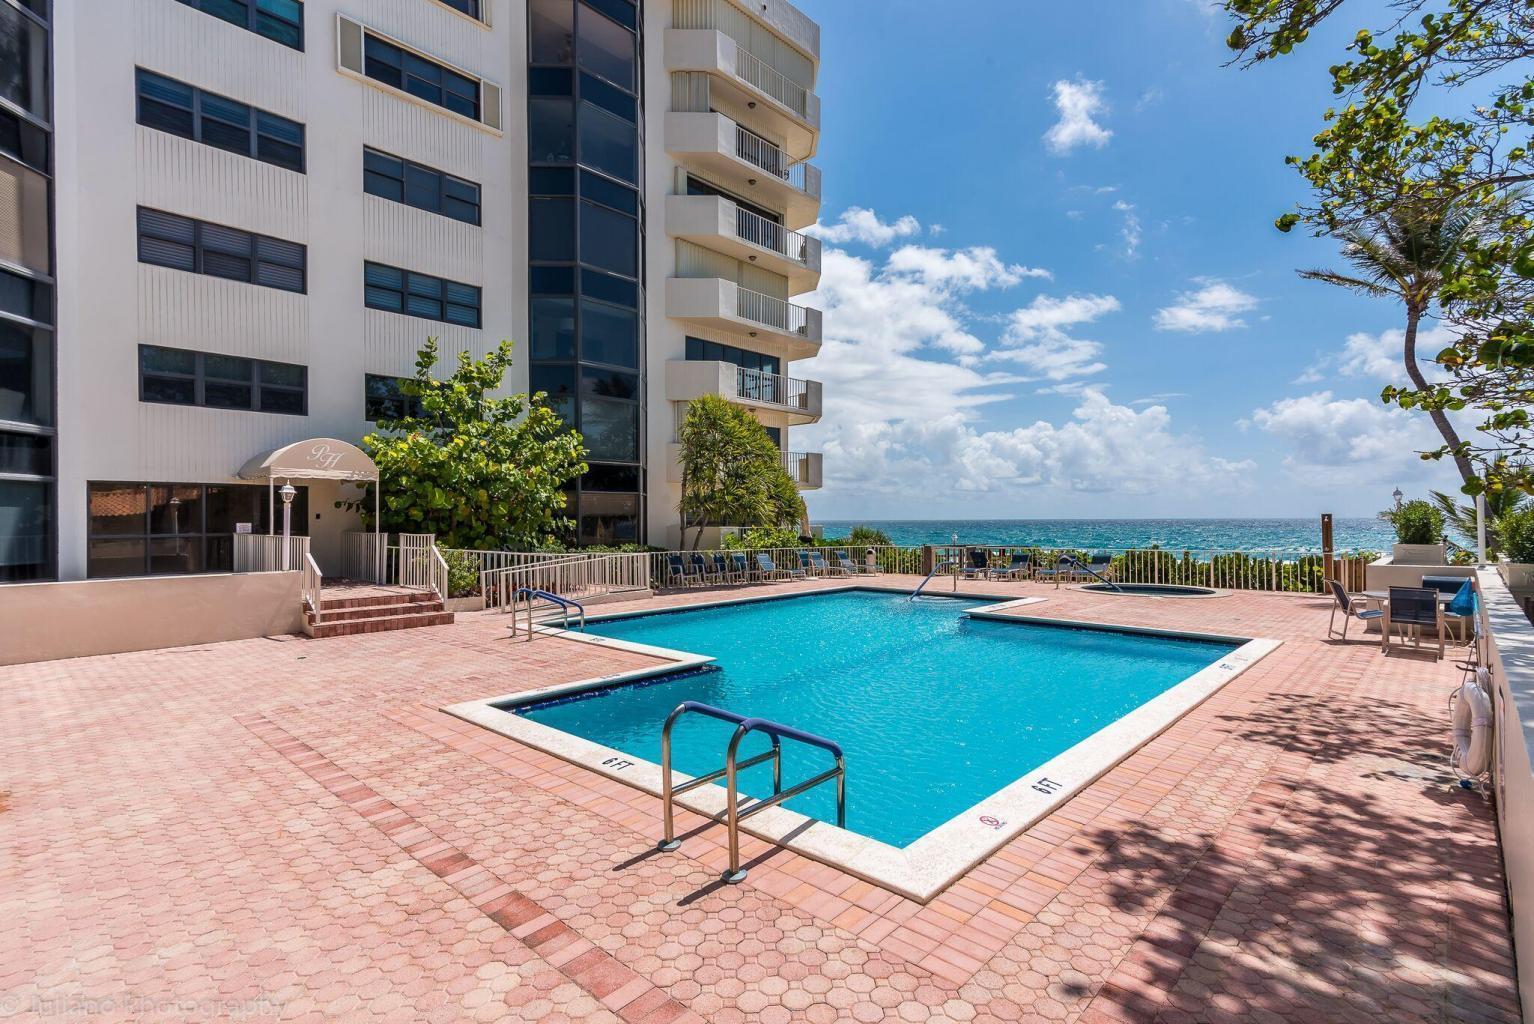 PARKER HIGHLAND HIGHLAND BEACH FLORIDA